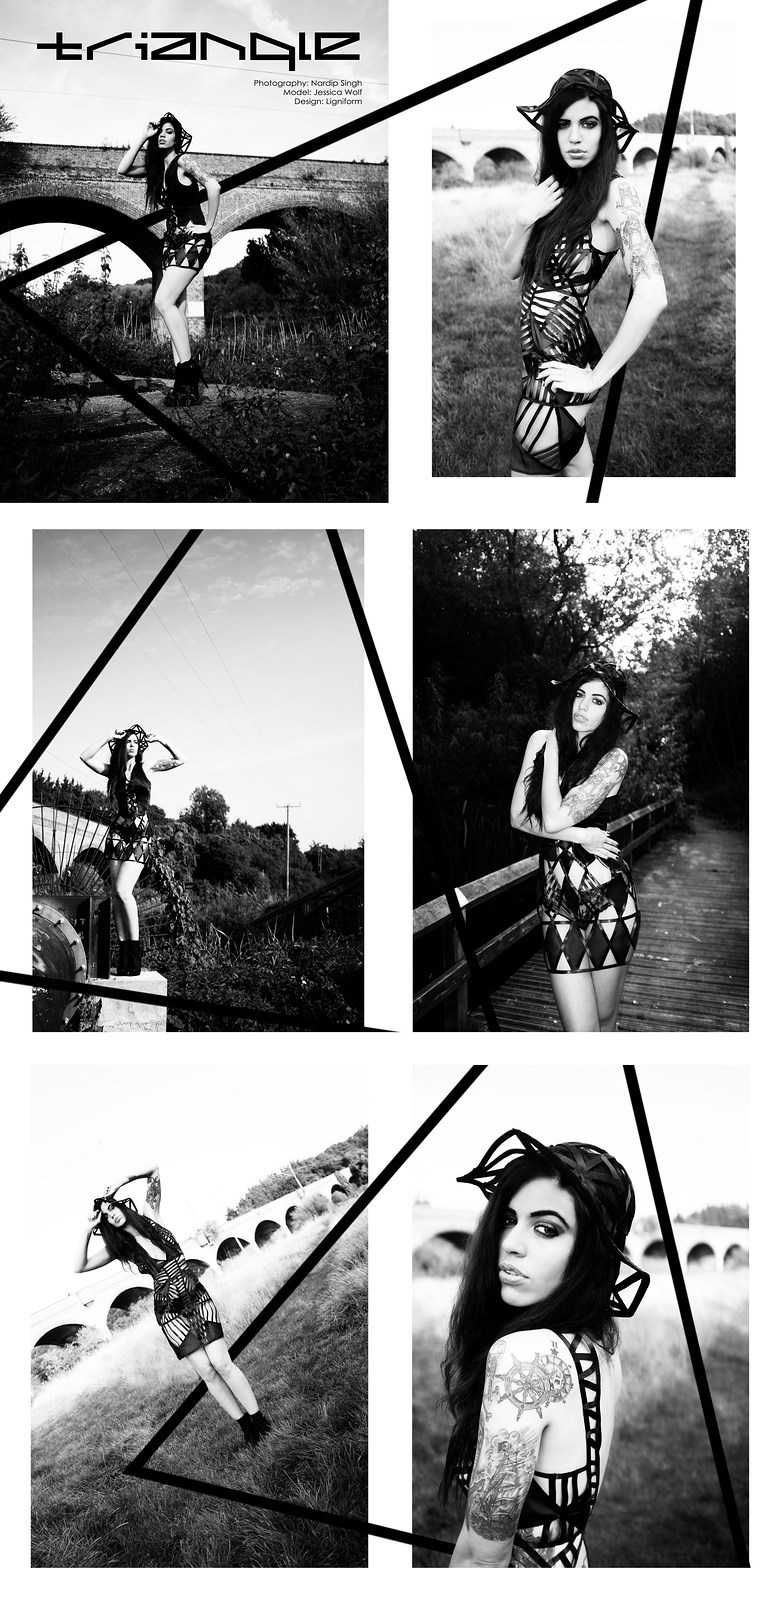 Photography by Nardip, Designer Ligniform / Uploaded 28th October 2014 @ 06:03 PM